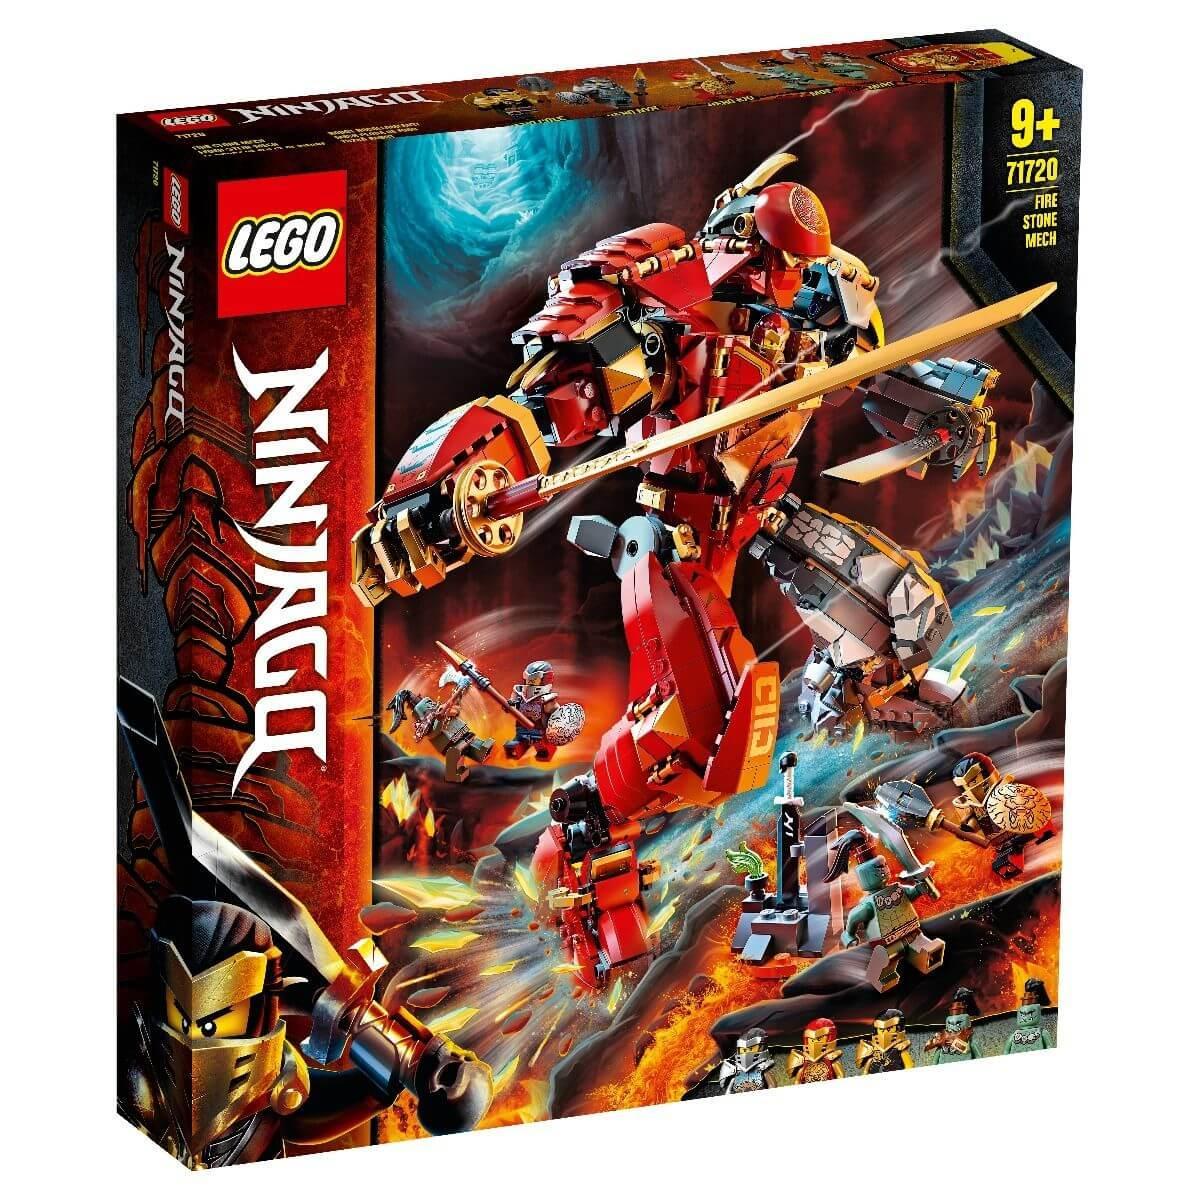 LEGO: Каменный робот огня Ninjago 71720 - фото 1